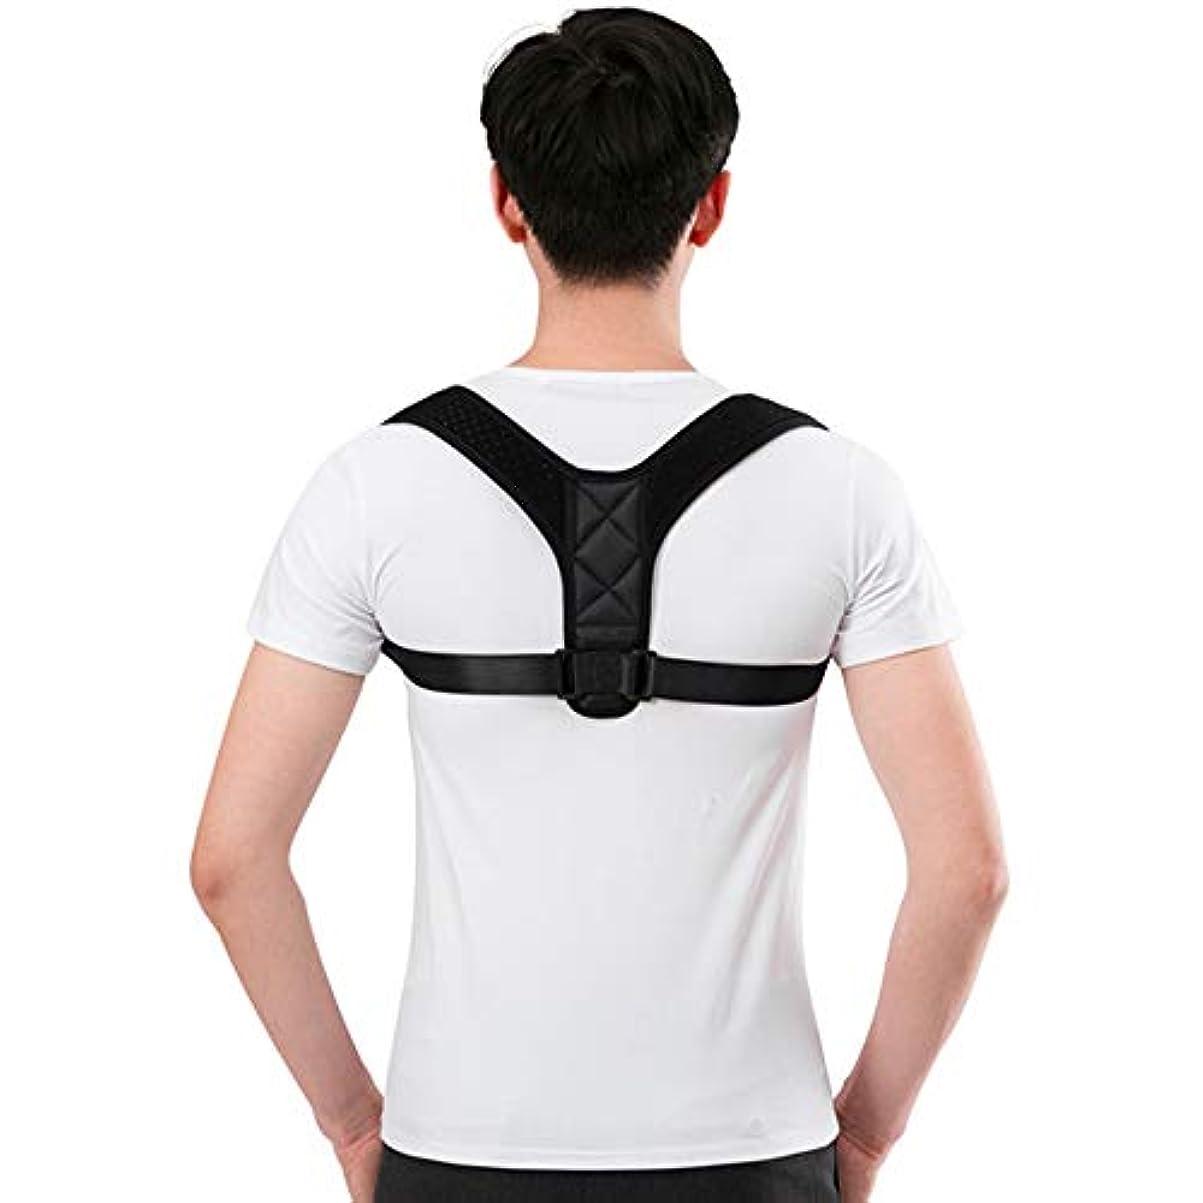 縁石彫刻落ち込んでいる男性と女性の座位矯正装置、調整可能な目に見えない通気性の鎖骨/背中矯正、背中/首/肩の痛みの緩和理学療法、学生/大人/男女兼用ZDDAB